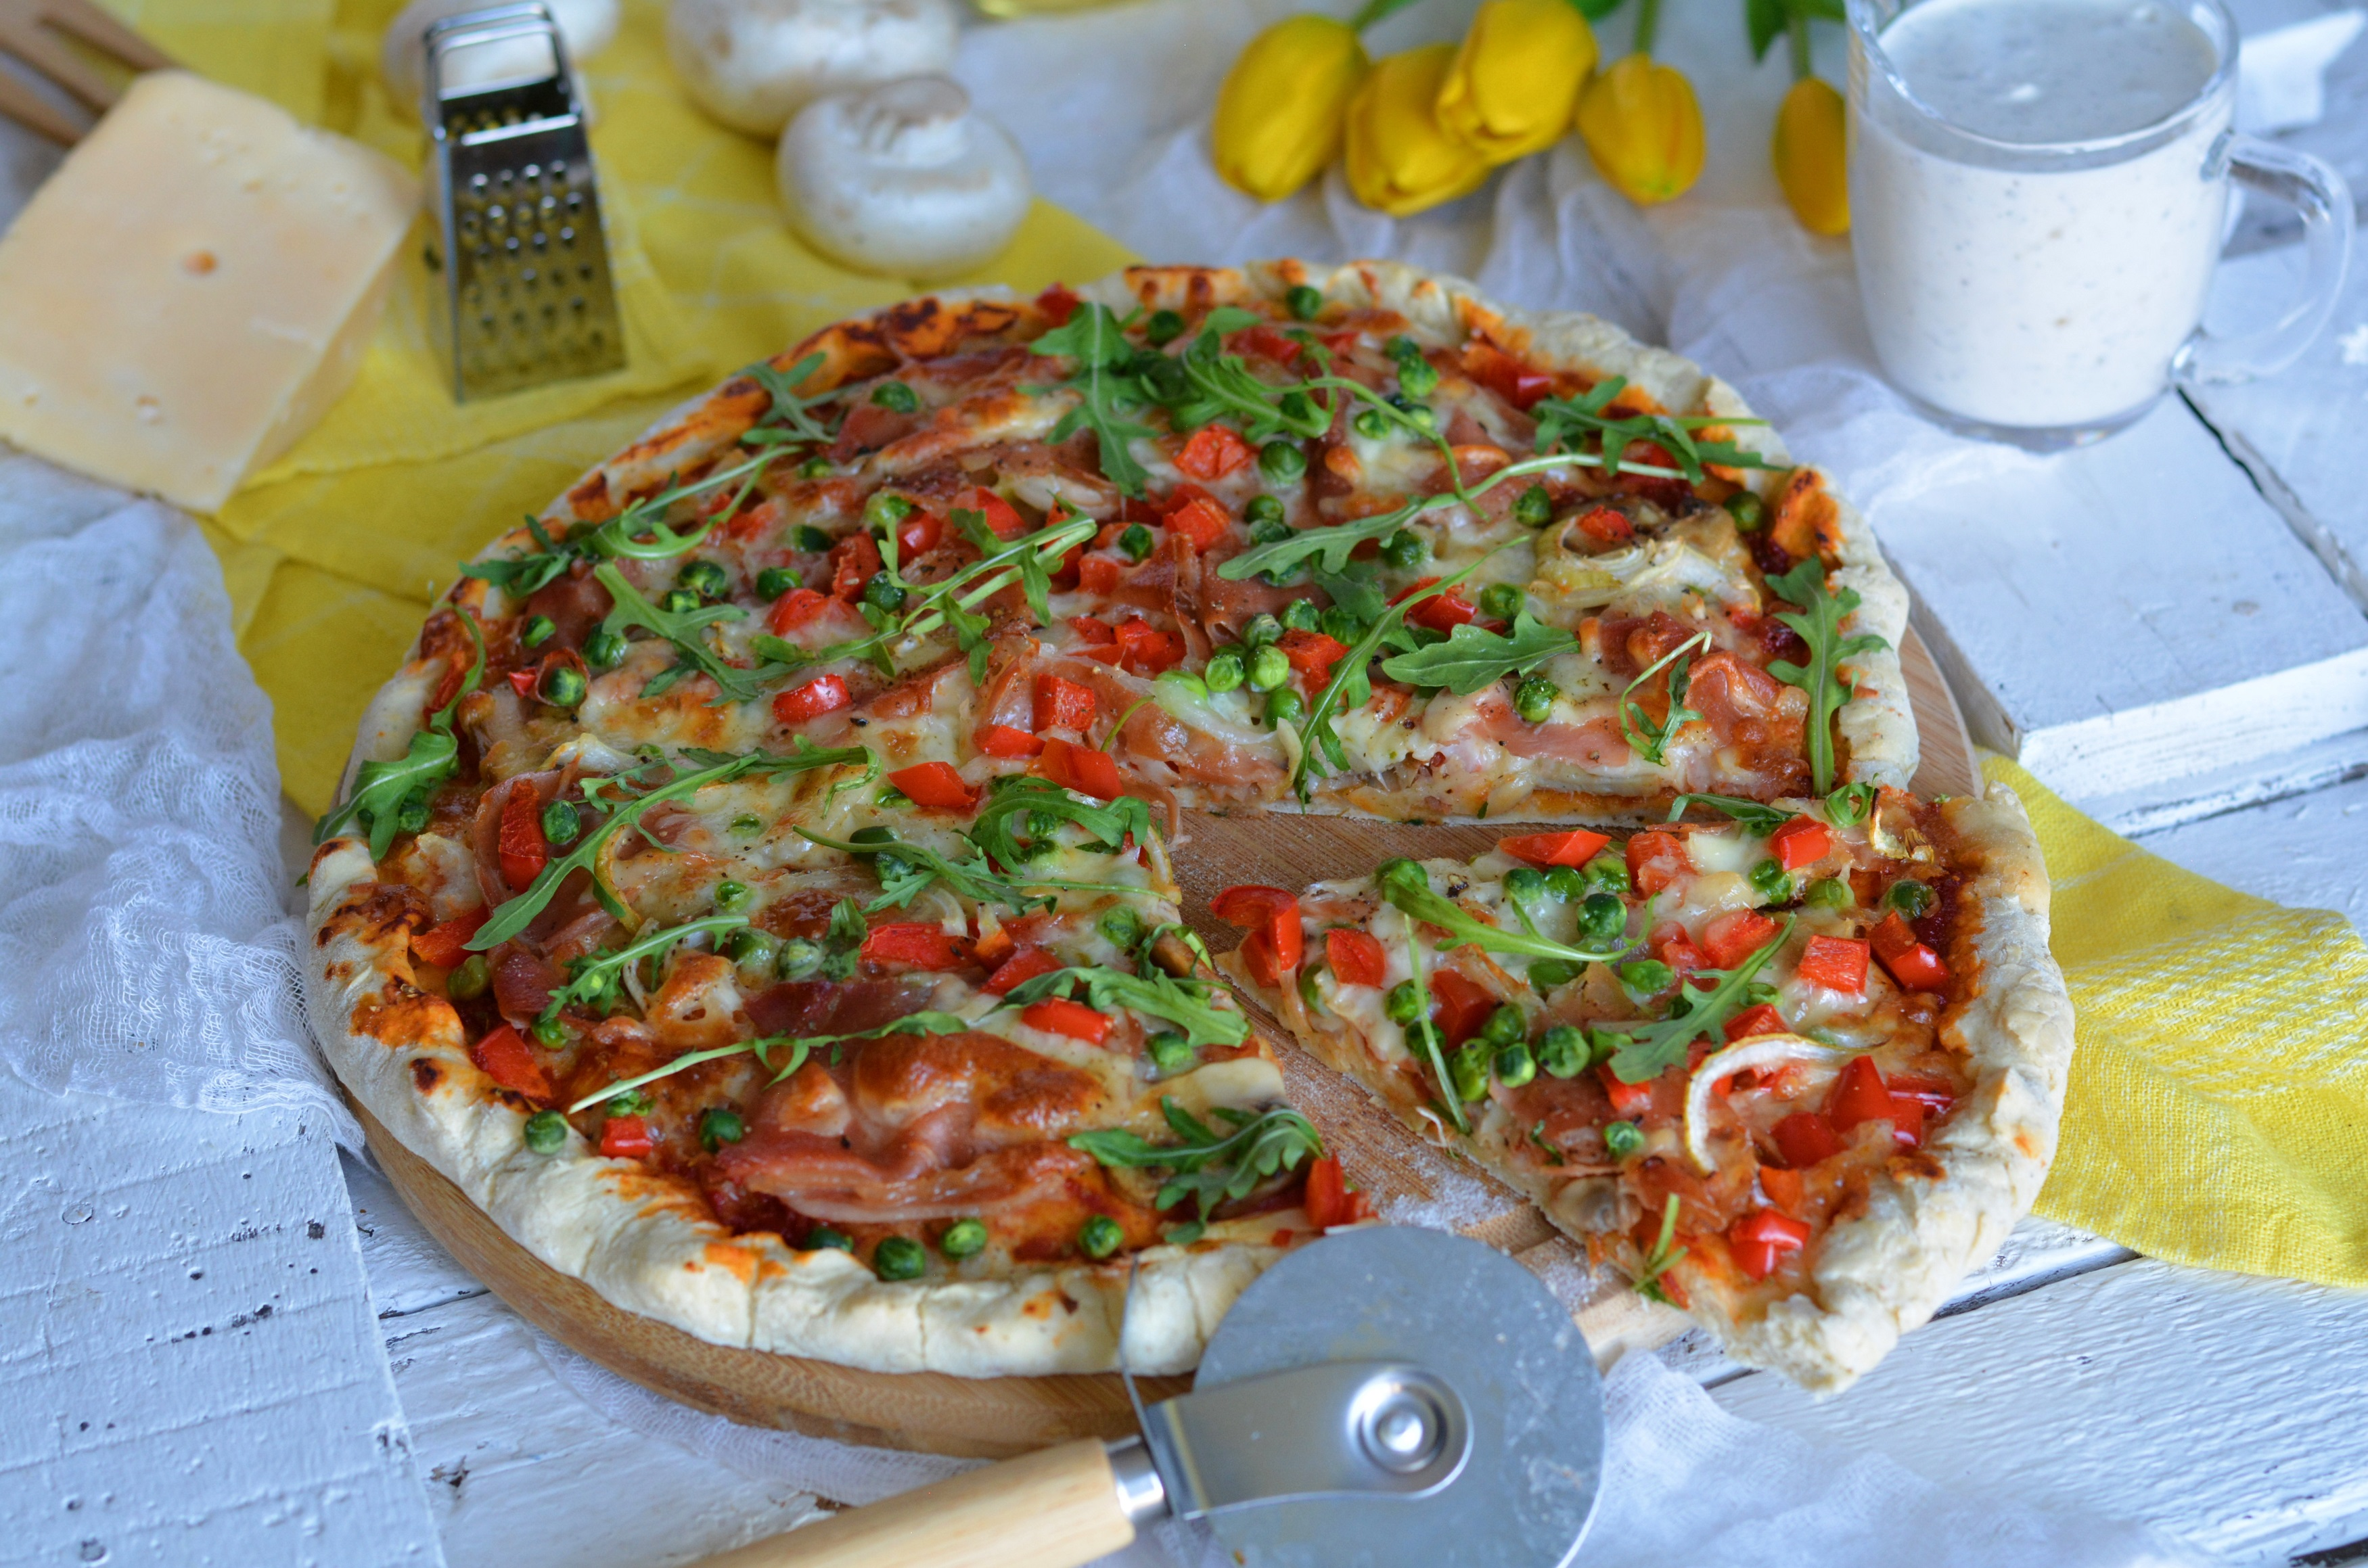 Pizza Z Szynką Serrano Pieczarkami I Zielonym Groszkiem